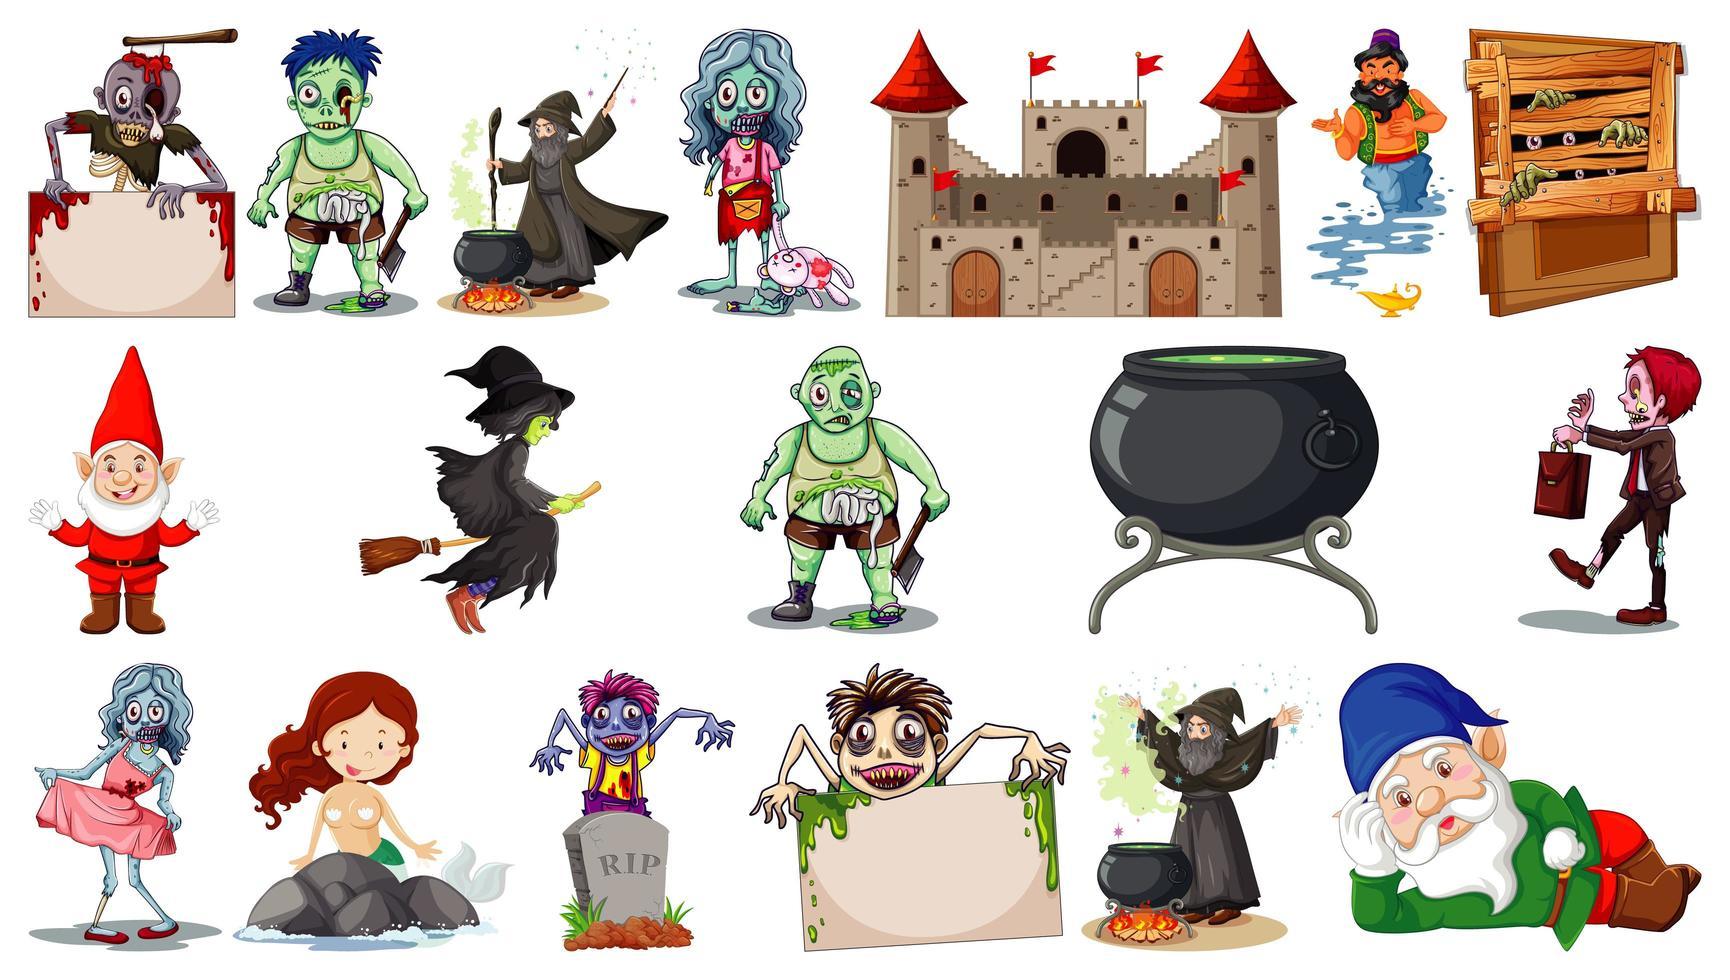 fantasy seriefigurer och fantasy tema isolerad på vit bakgrund vektor